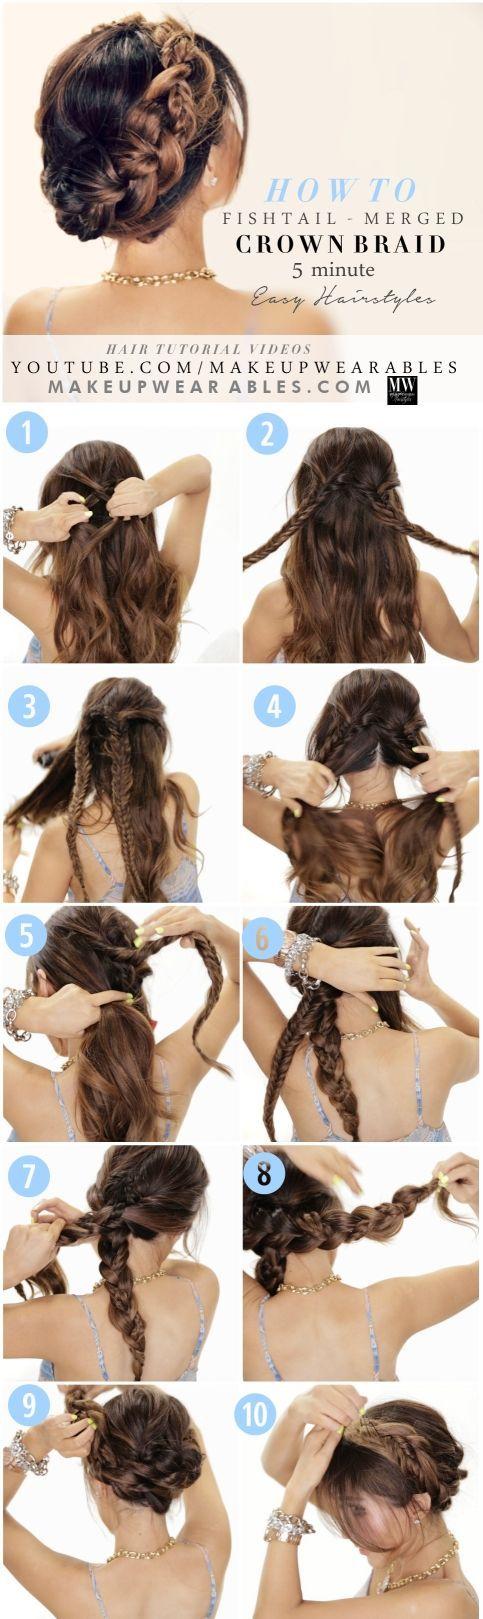 Super Easy DIY Braided Hairstyles for Wedding Tutorials – Deer Pearl Flowers | Wedding Blog